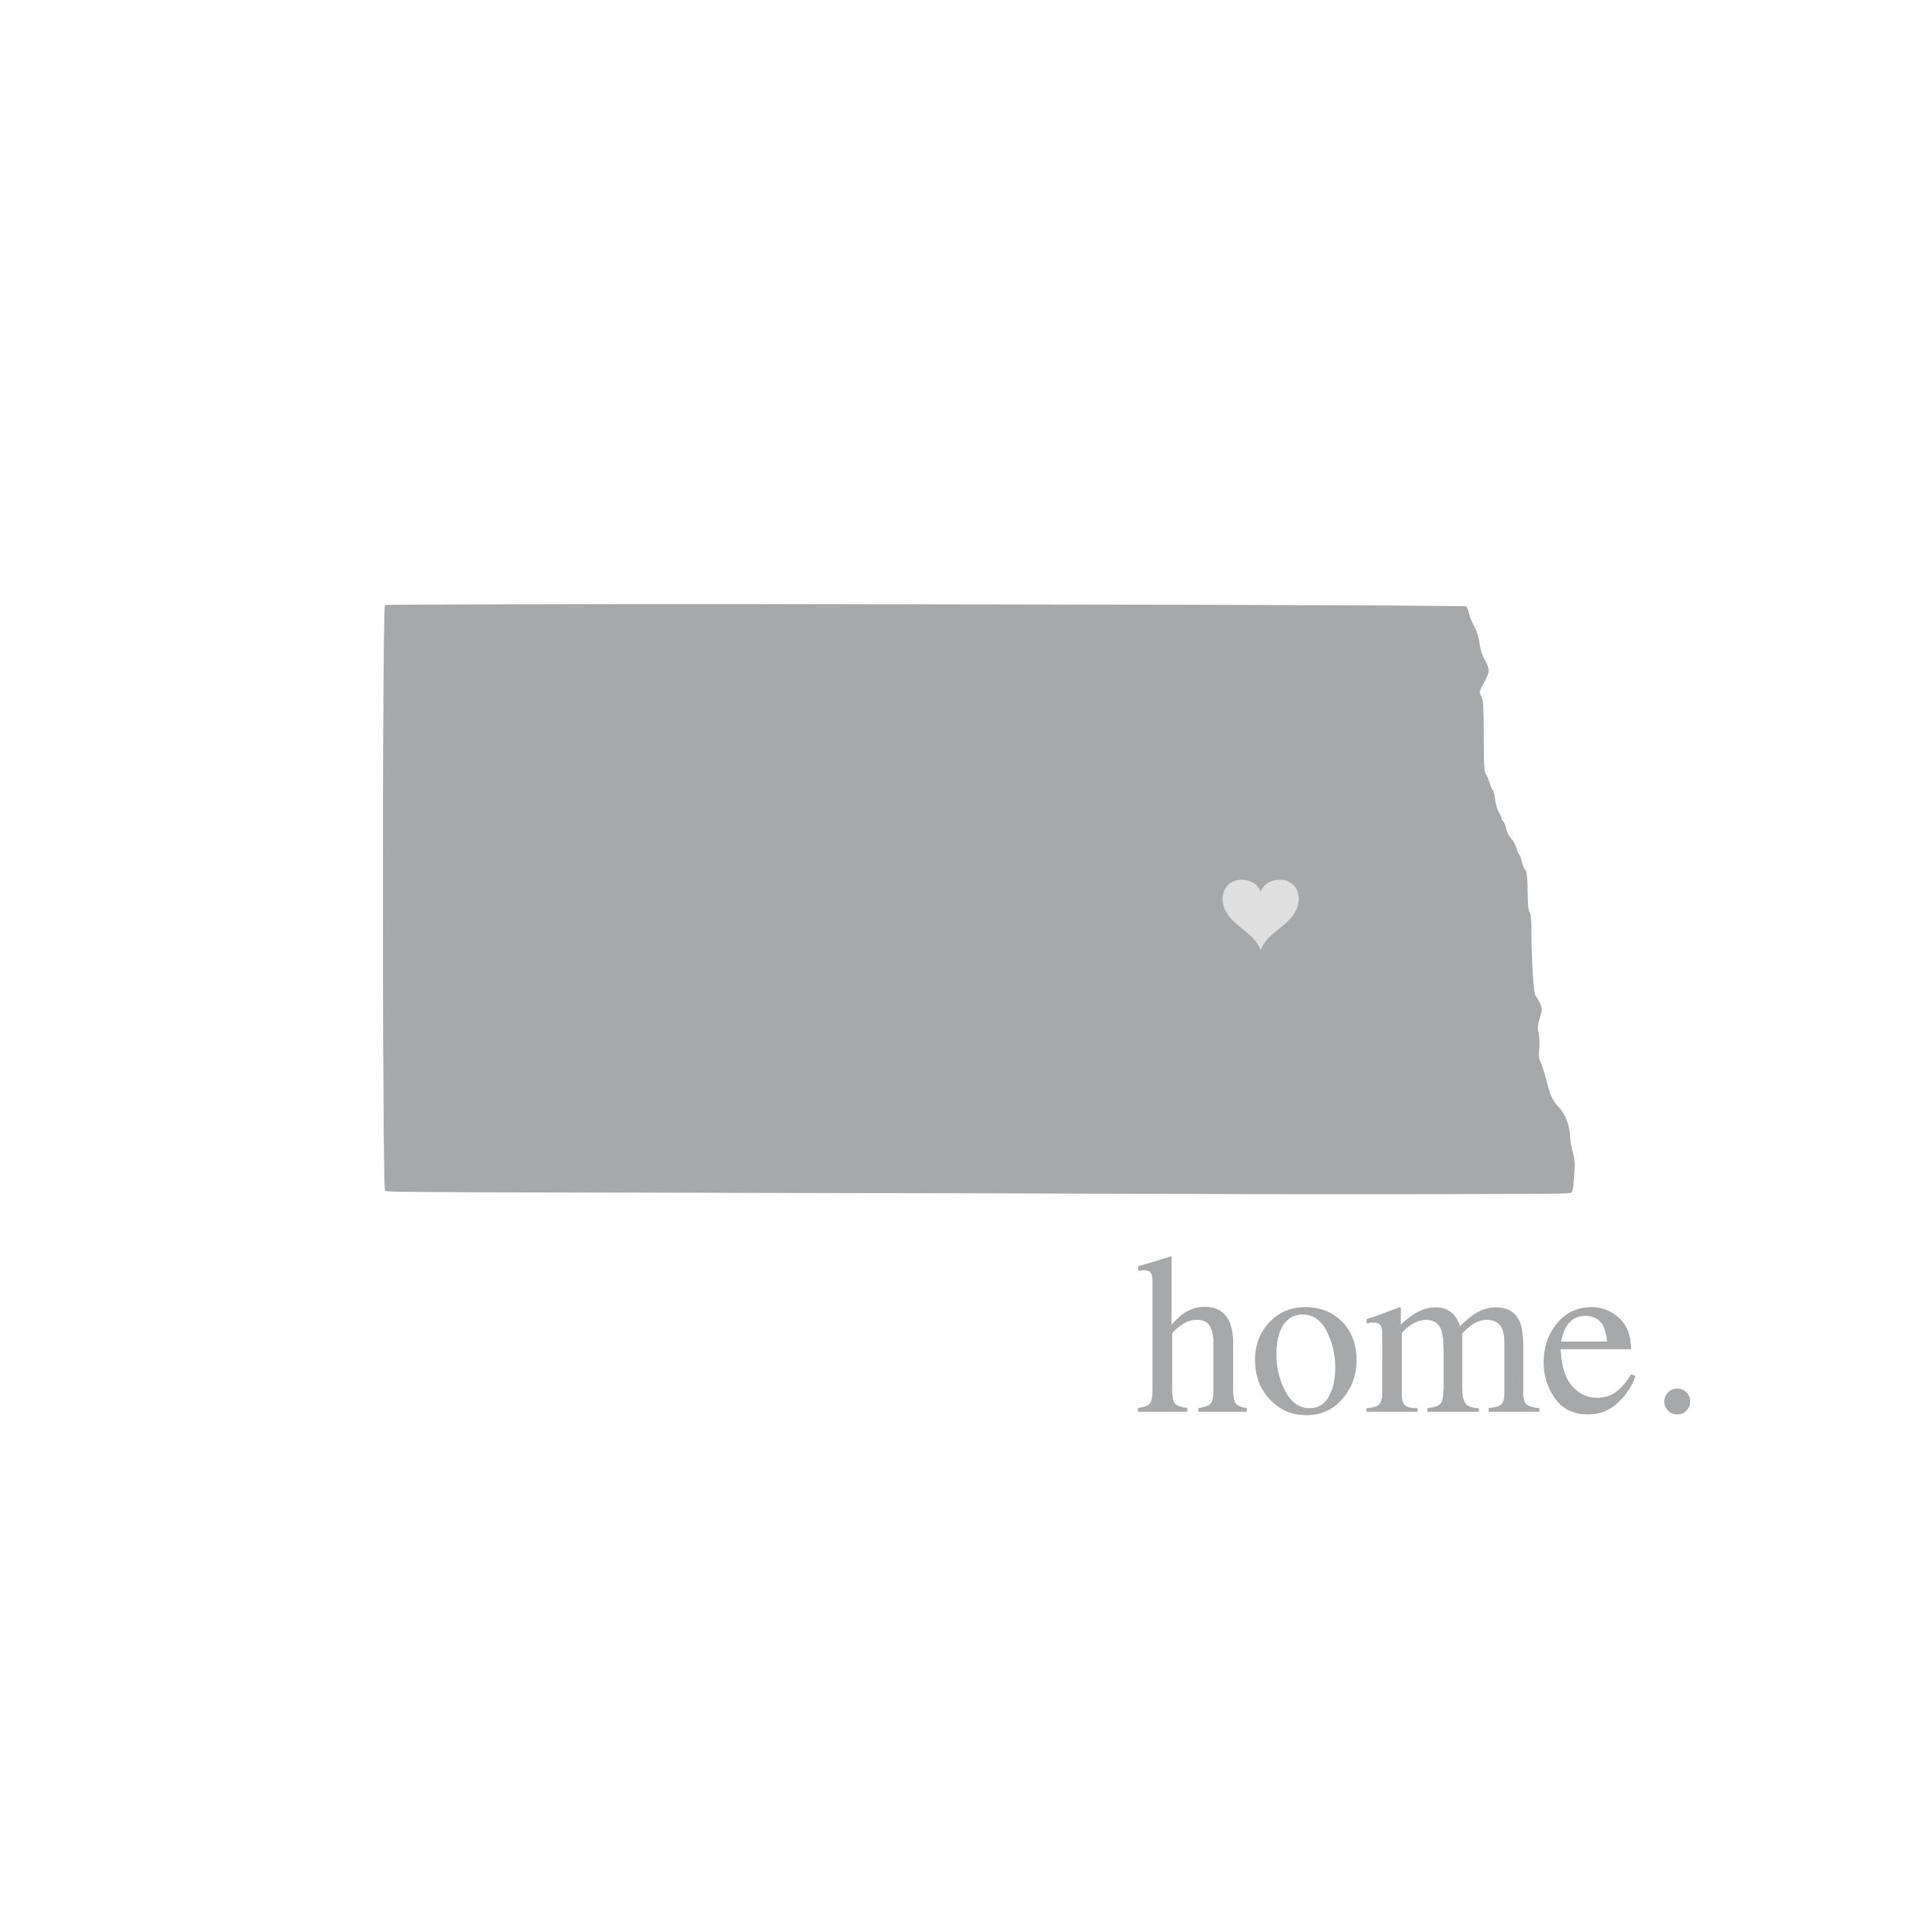 8330 North Dakota Home State